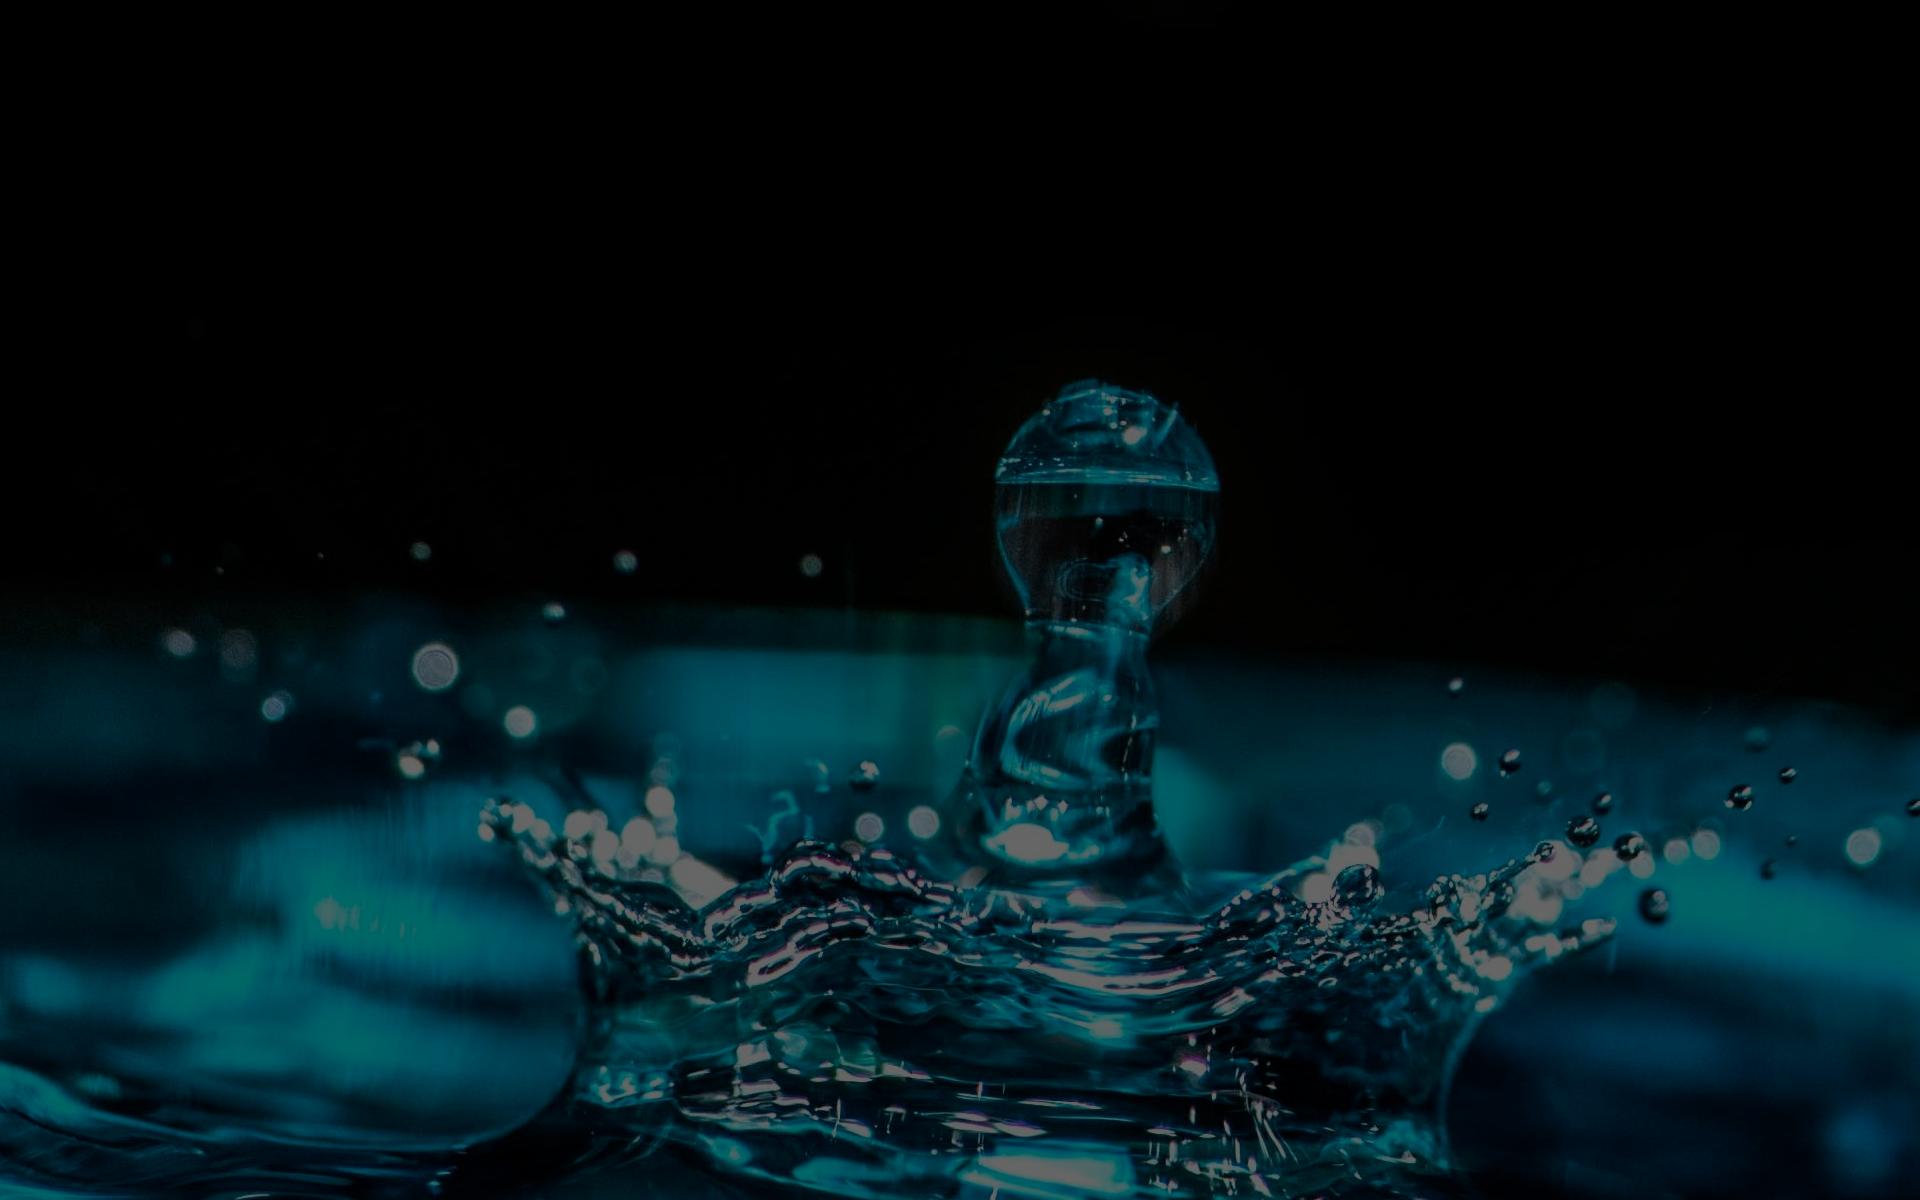 En fin dråpe vann